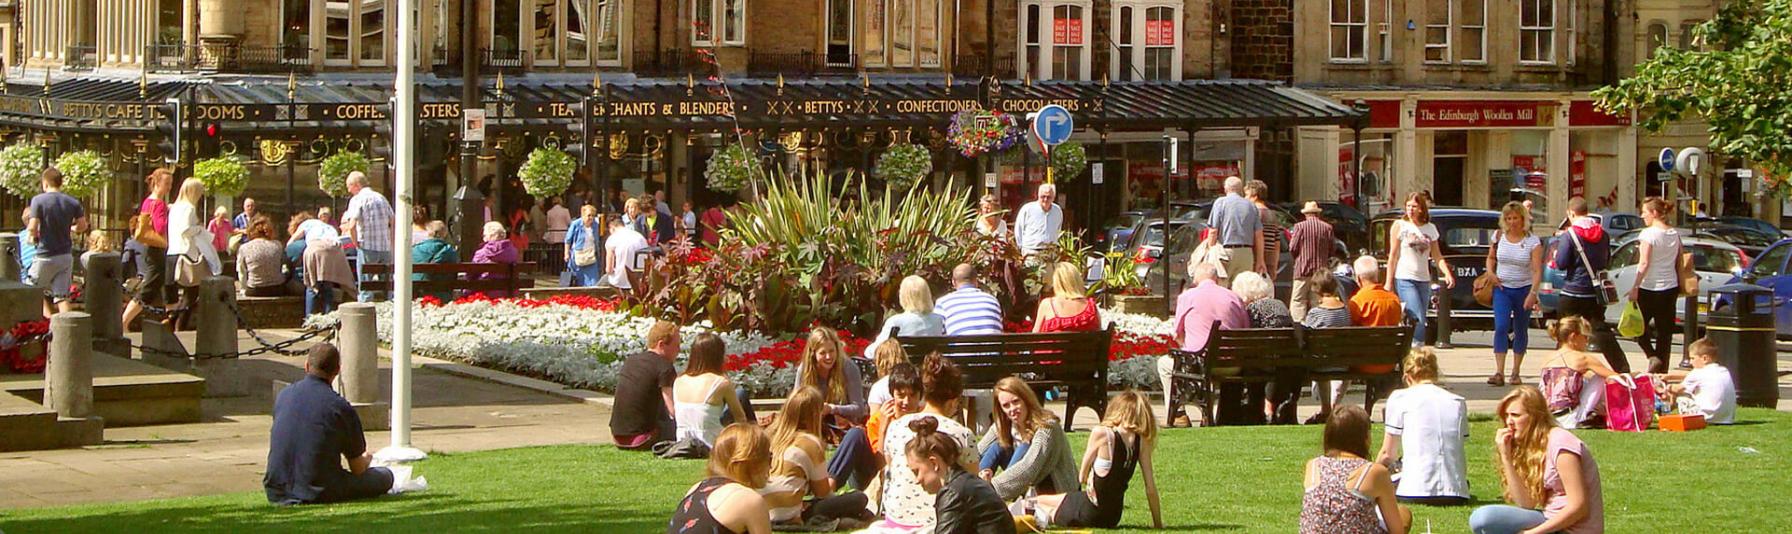 Picture of Harrogate